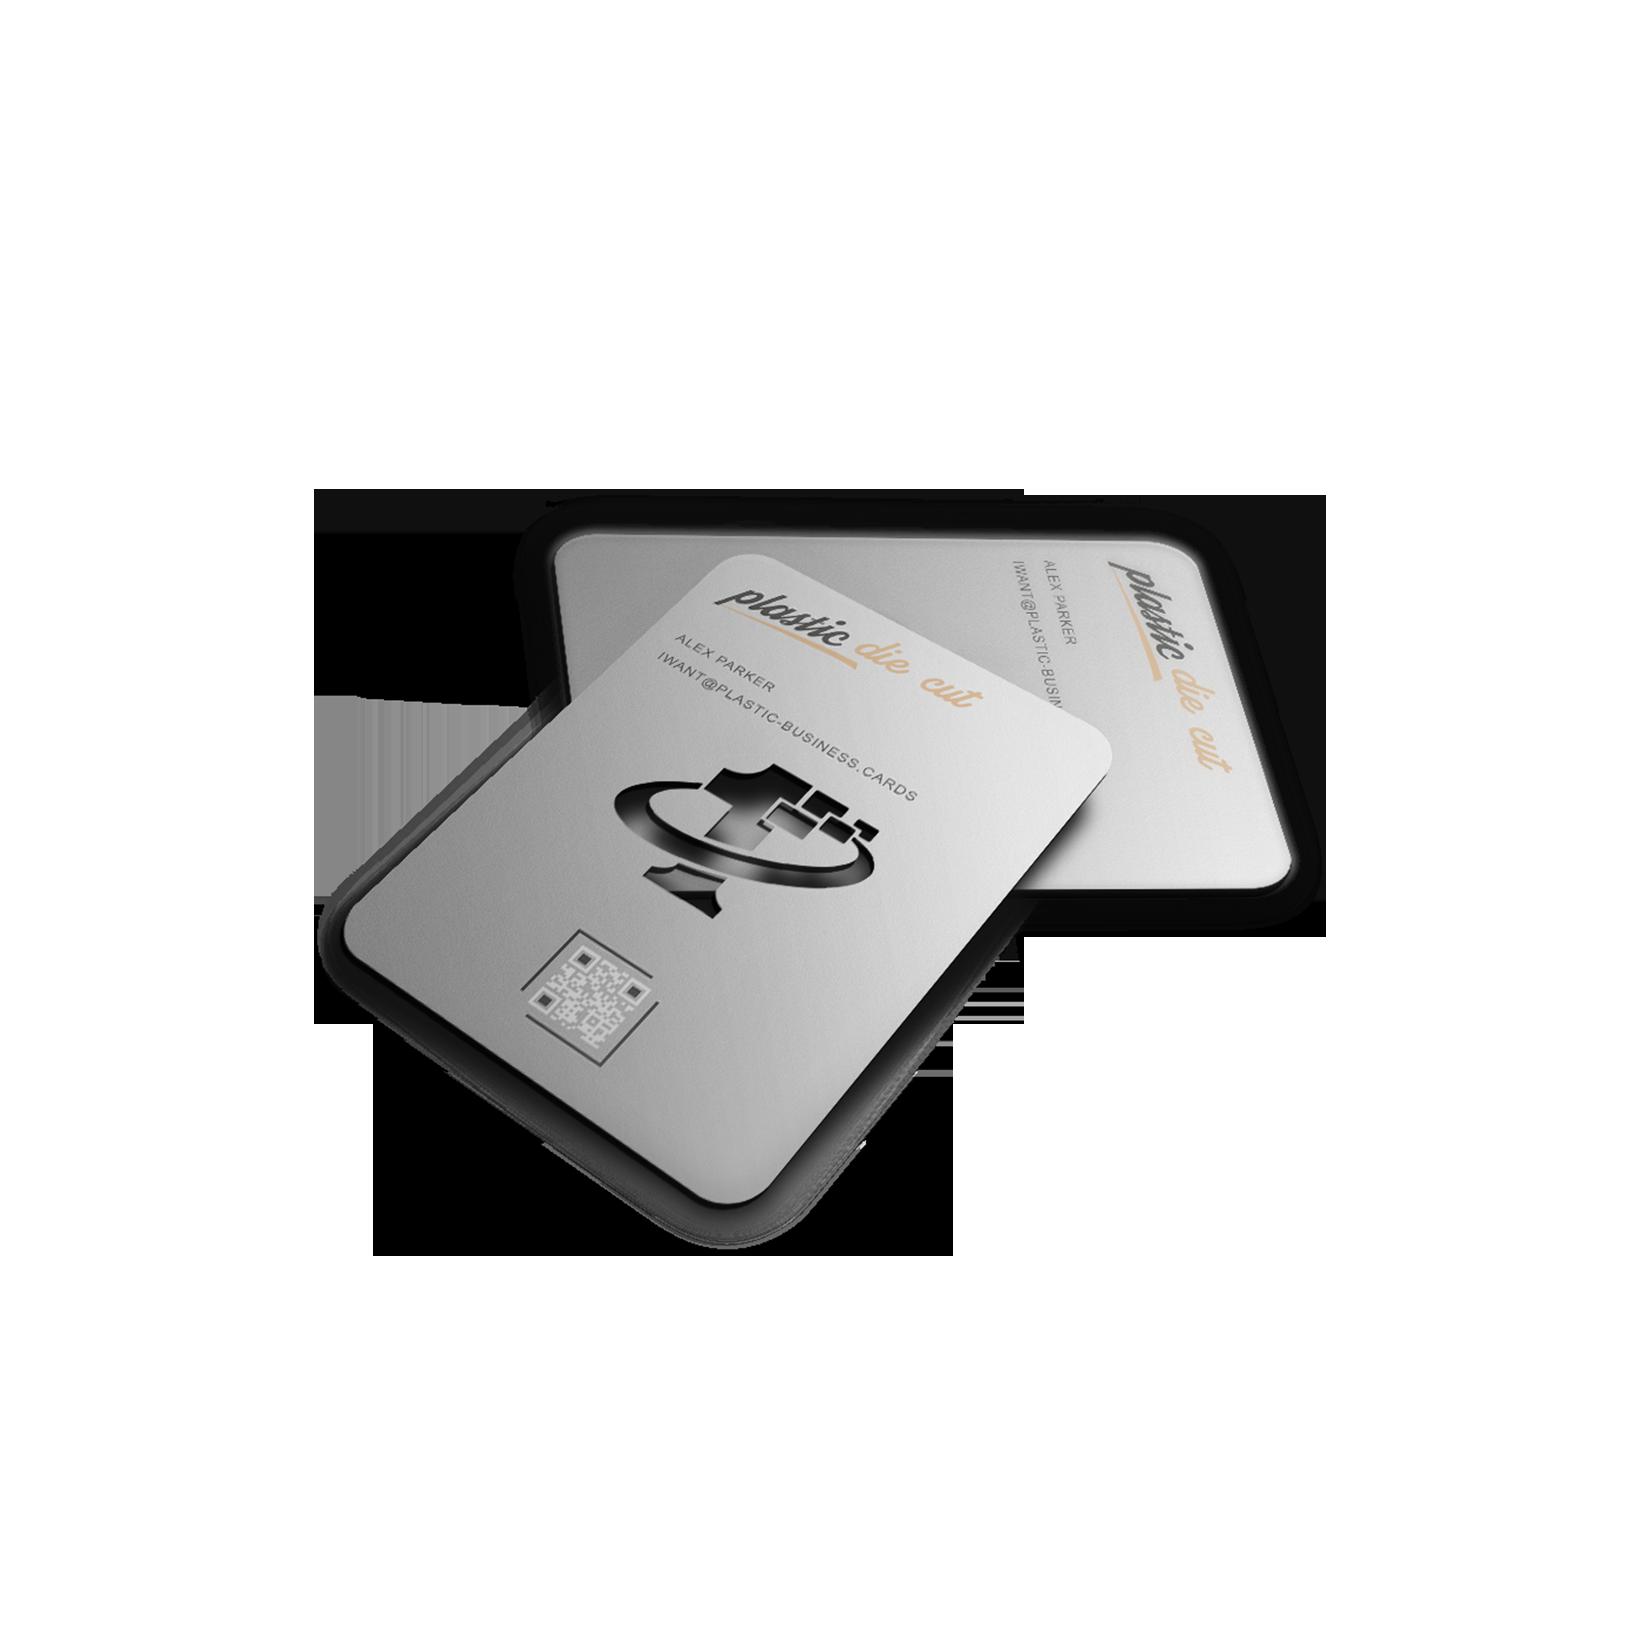 Custom die cut business card 10000k huge savings free custom die cut business card 10000k huge savings free personalization custom shape reheart Gallery